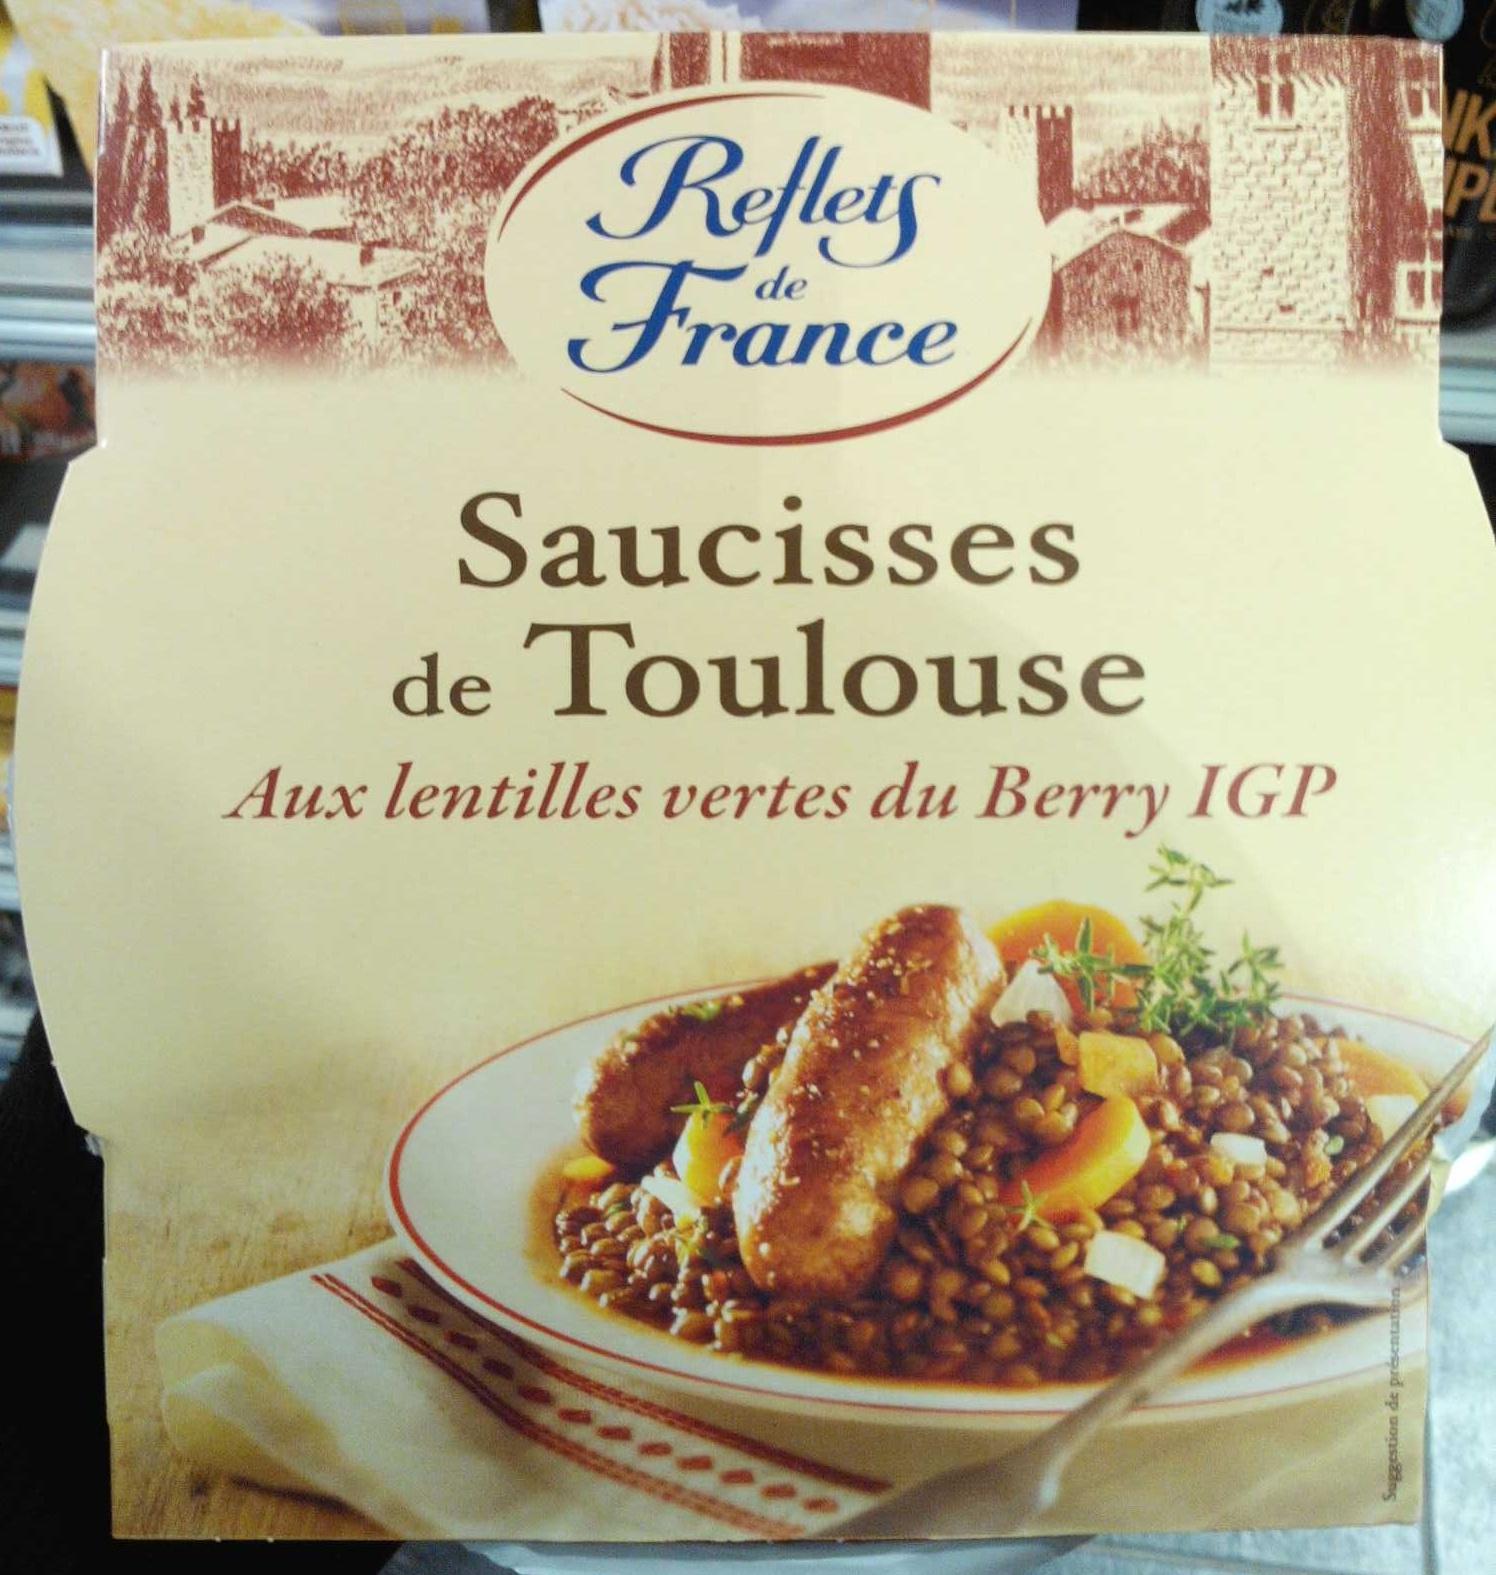 Saucisses de Toulouse Aux lentilles vertes du Berry IGP - Produit